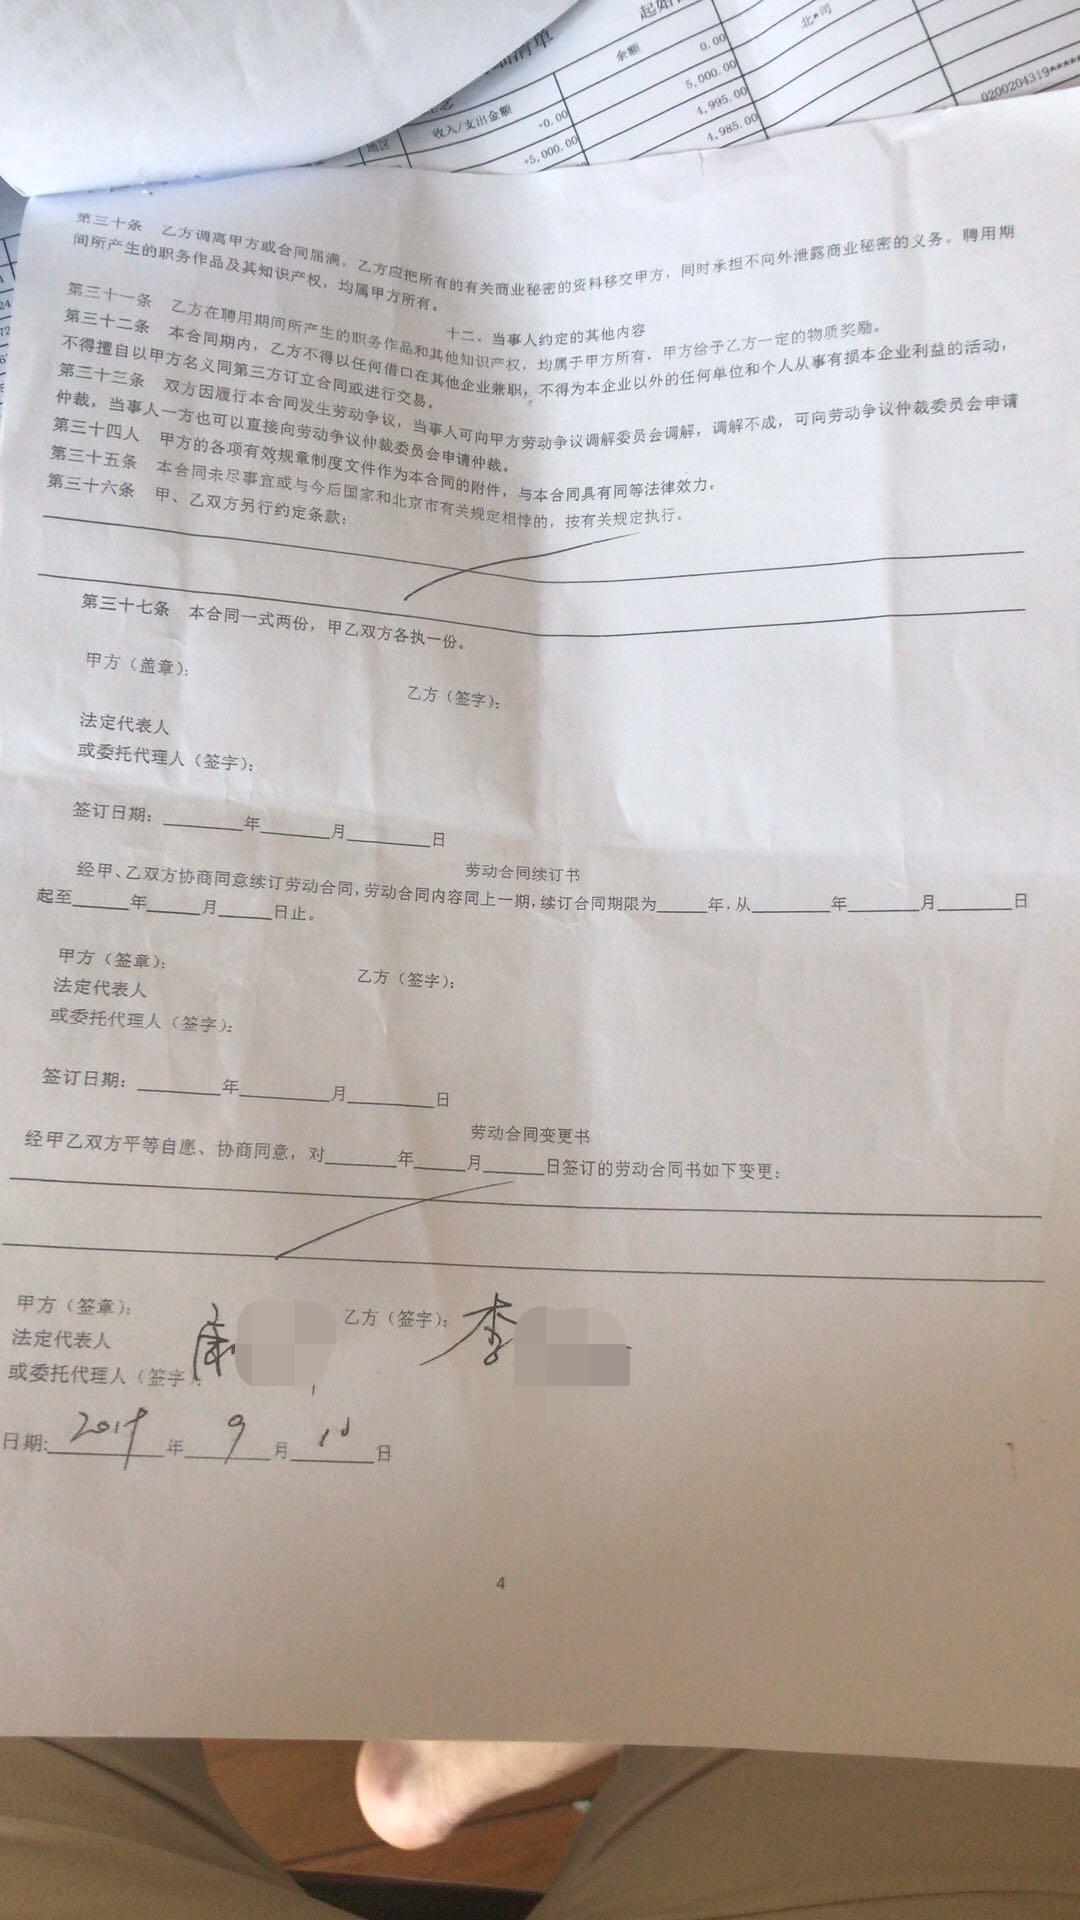 保安与业杏悦娱乐主冲突后猝死公司两月,杏悦娱乐图片